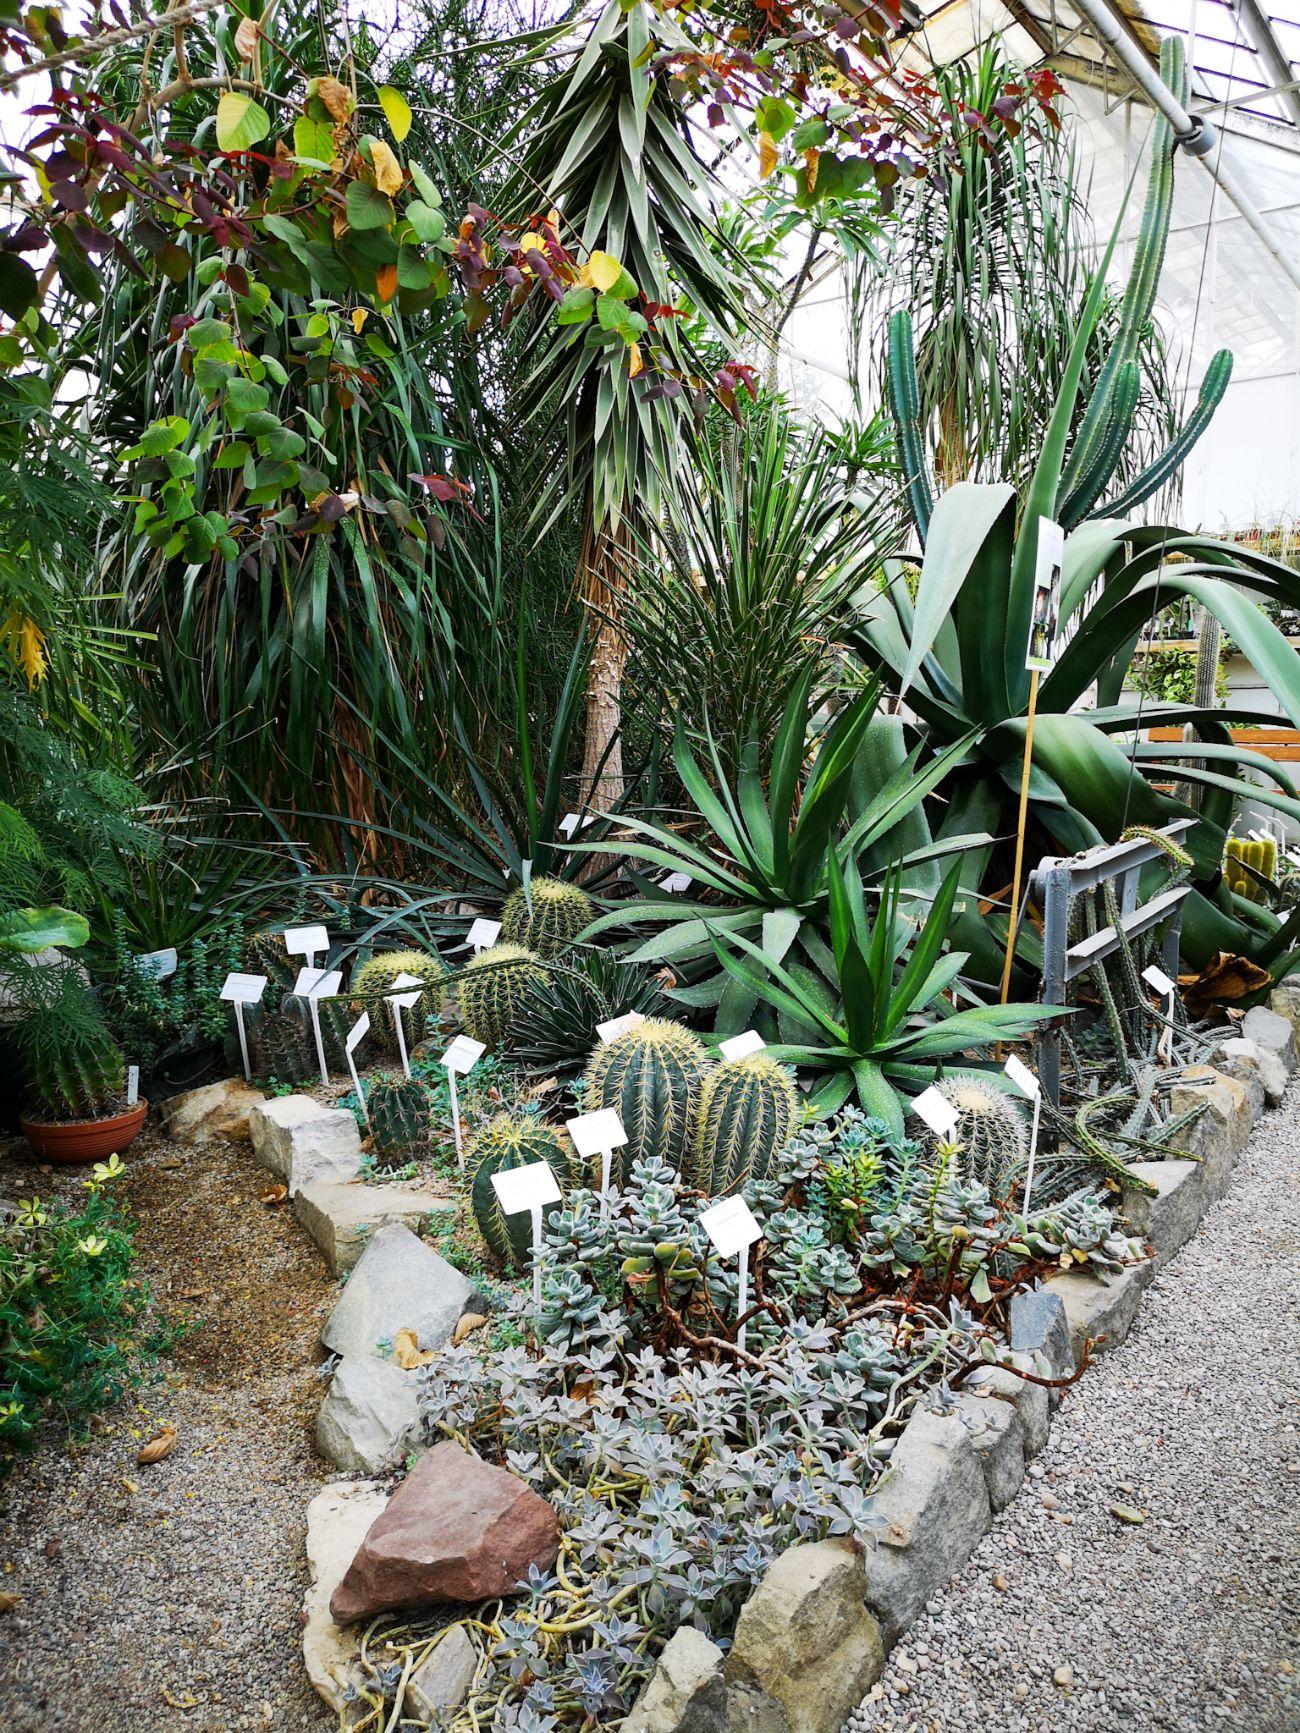 szklarnia sukulenty w ogrodzie botanicznym w lublinie lato w mieście co zwiedzic w lublinie weekend co zobaczyć